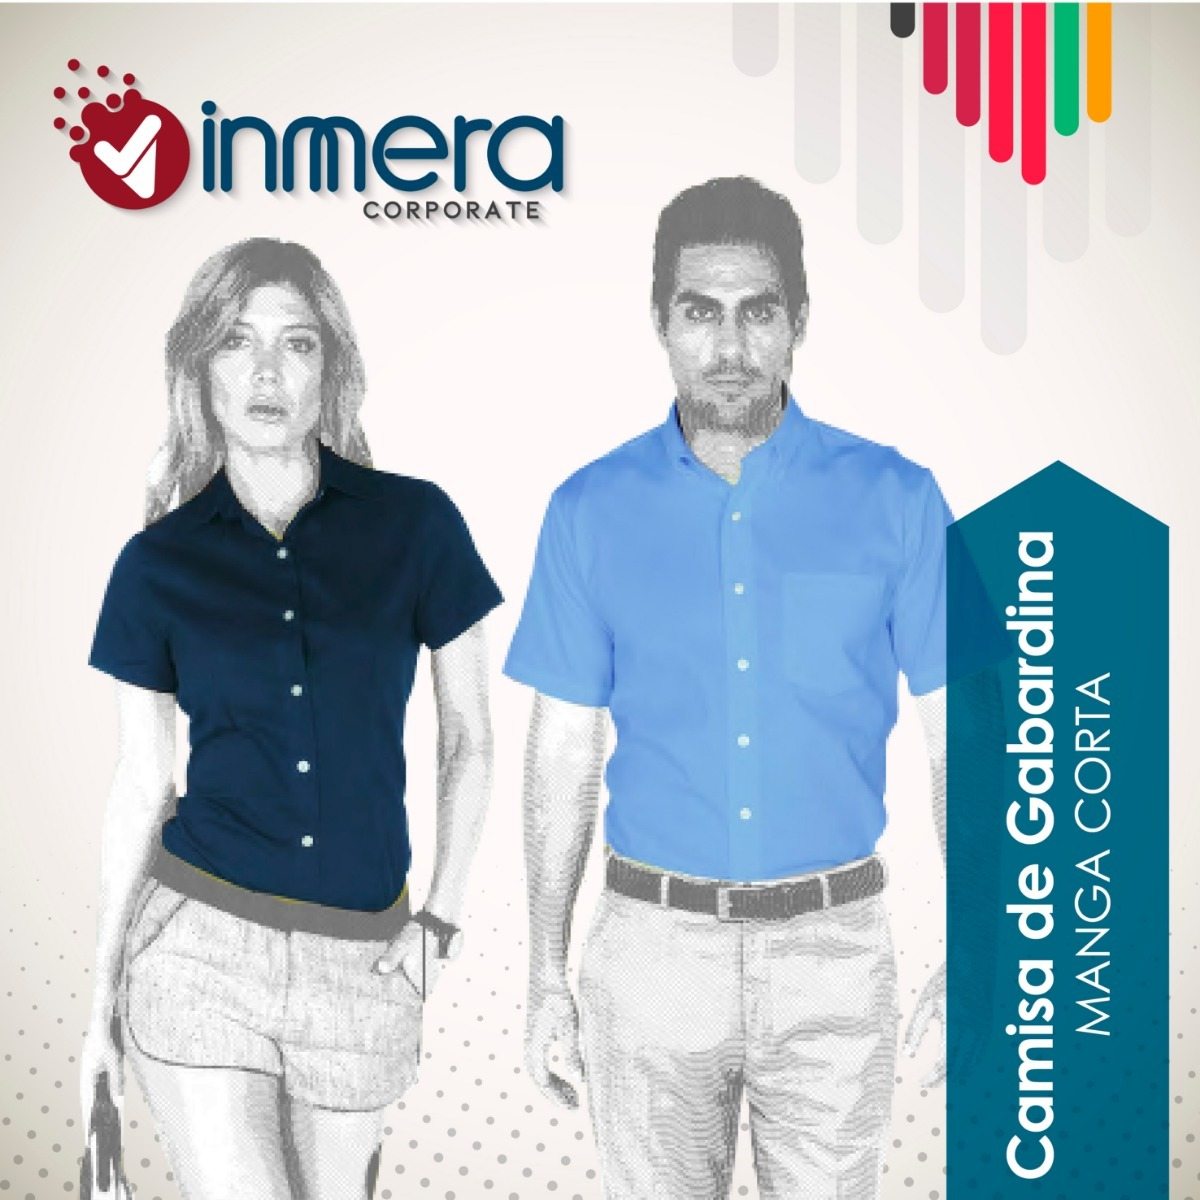 Camisa Blusa Gabardina Yazbek Empresas Manga Corta -   229.00 en ... 4e44e5123acef